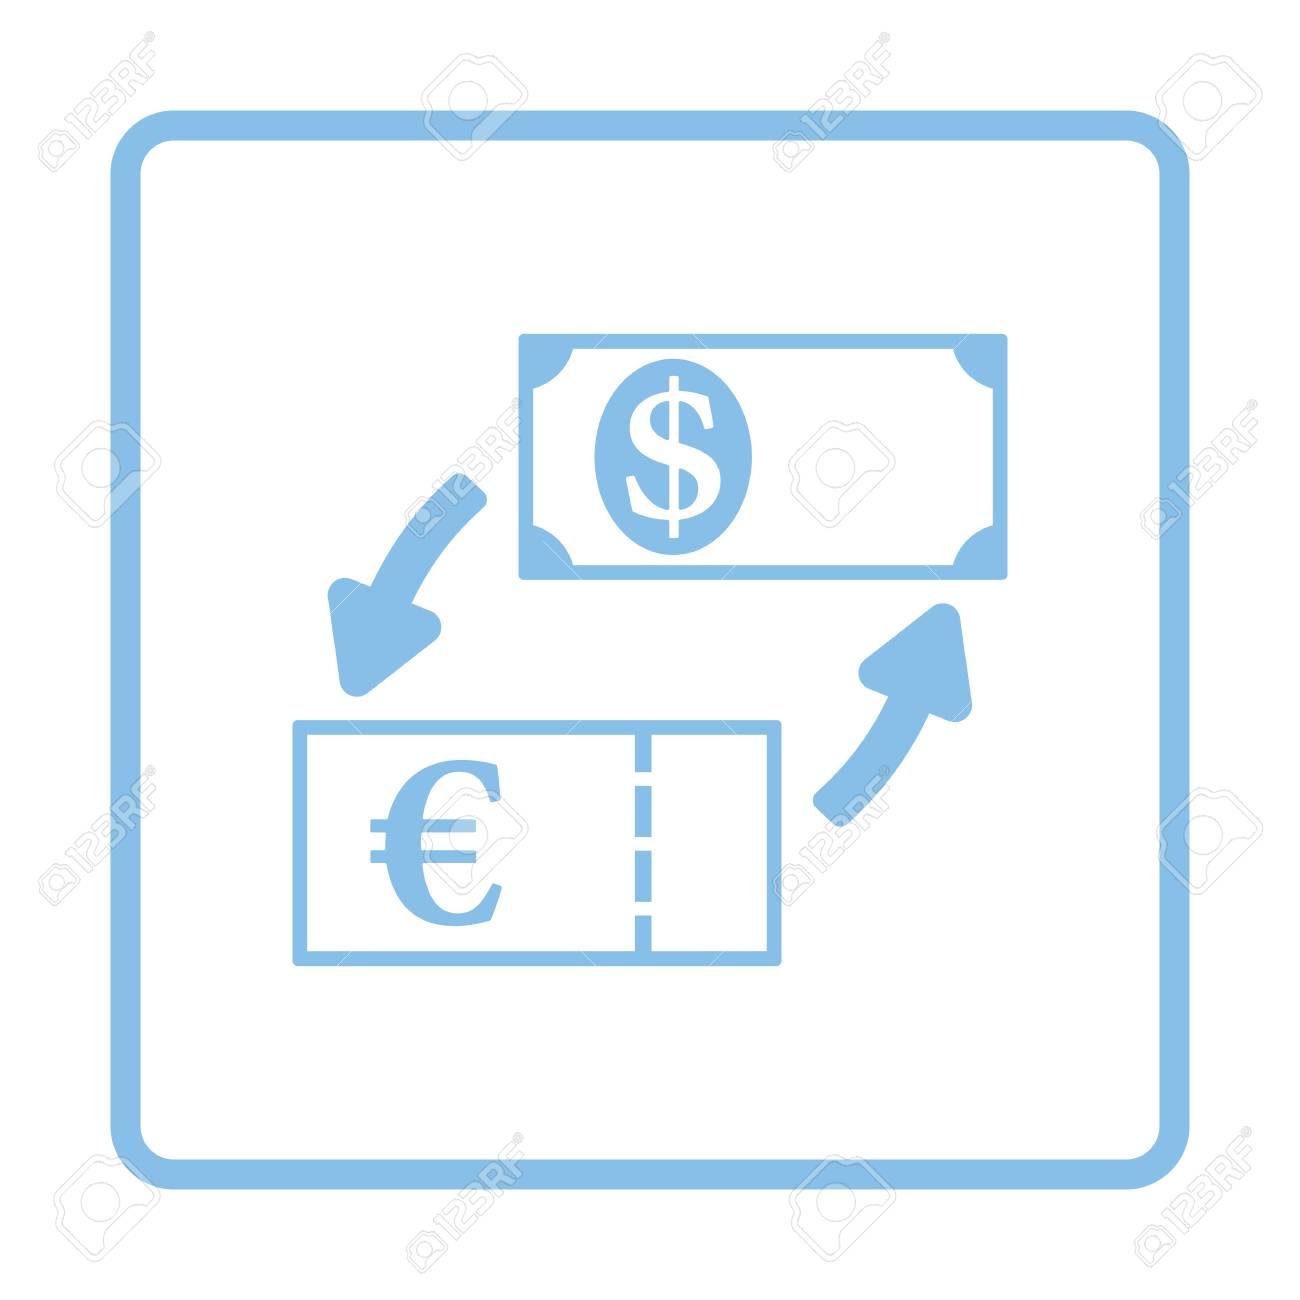 Moneda Dólar Y Euro Icono De Cambio. Diseño De Marco Azul ...